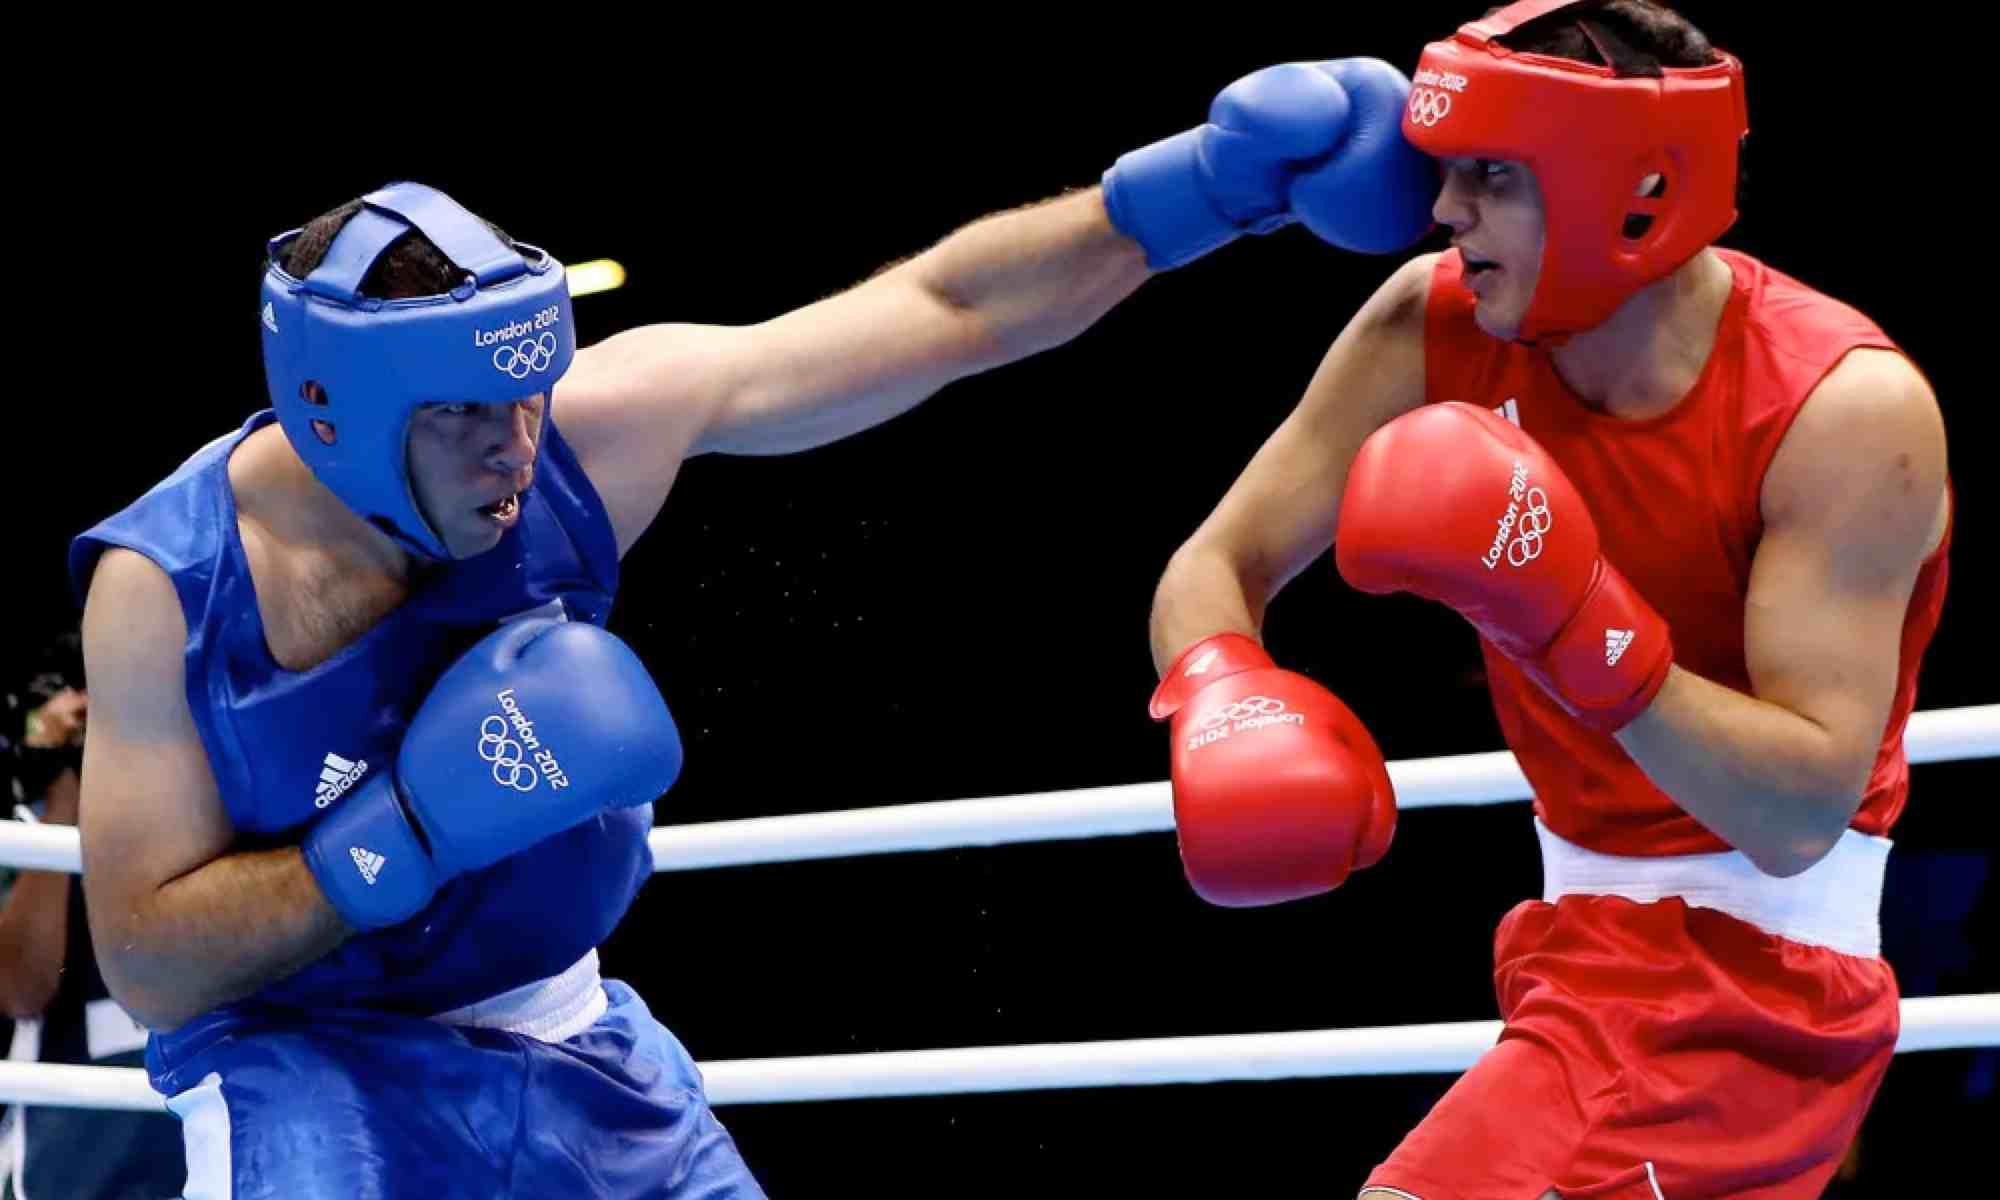 chouaib bouloudinats boxe 91kg londres 2012